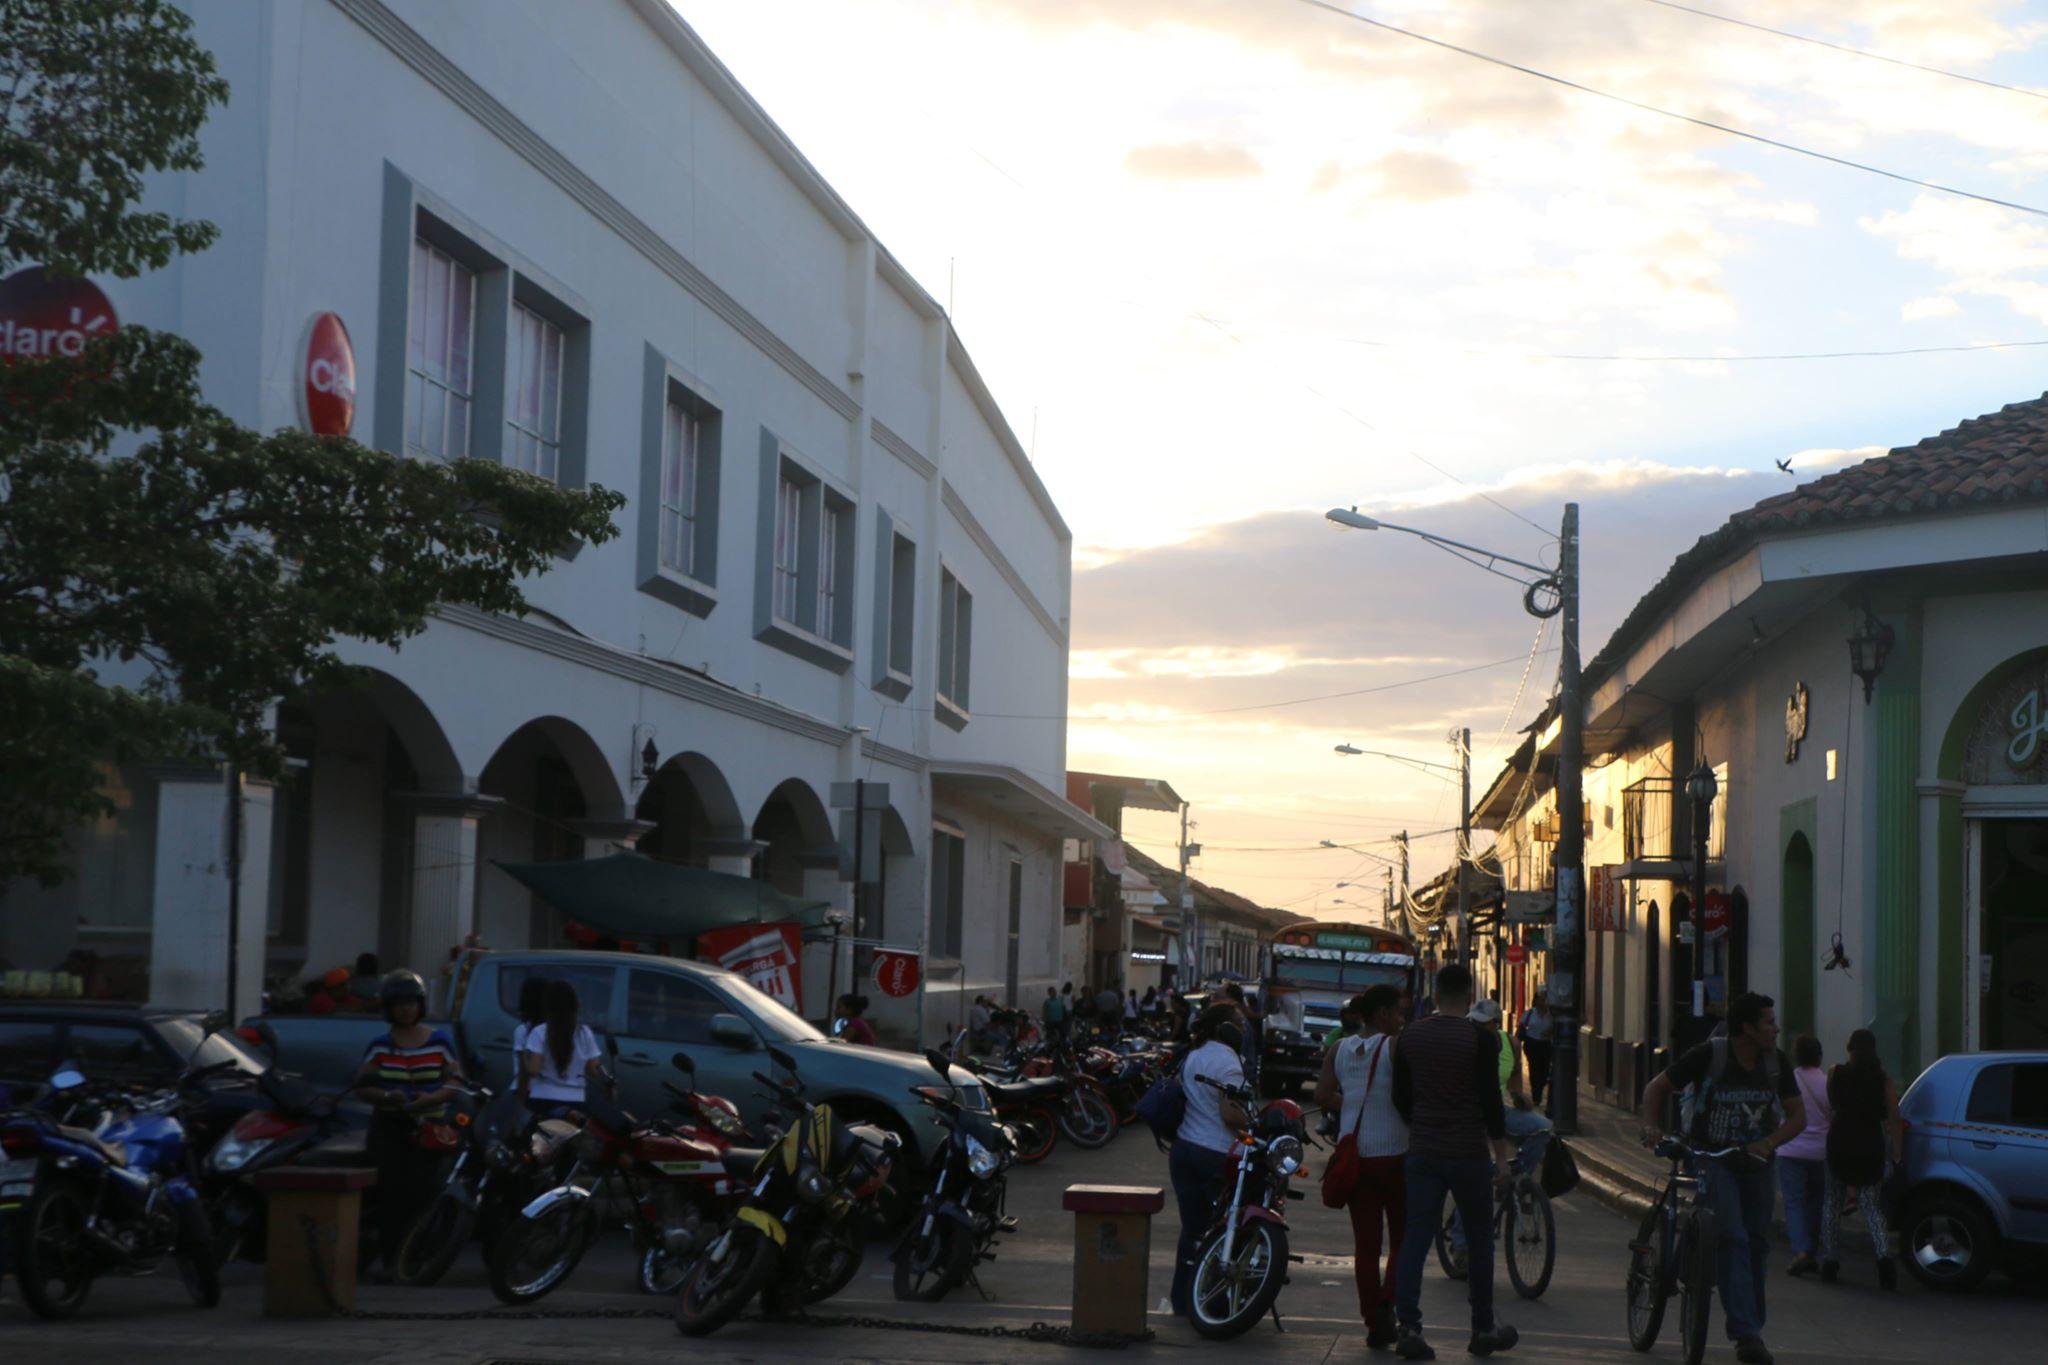 León Nicaragua la ciudad para invertir en negocios de turismo